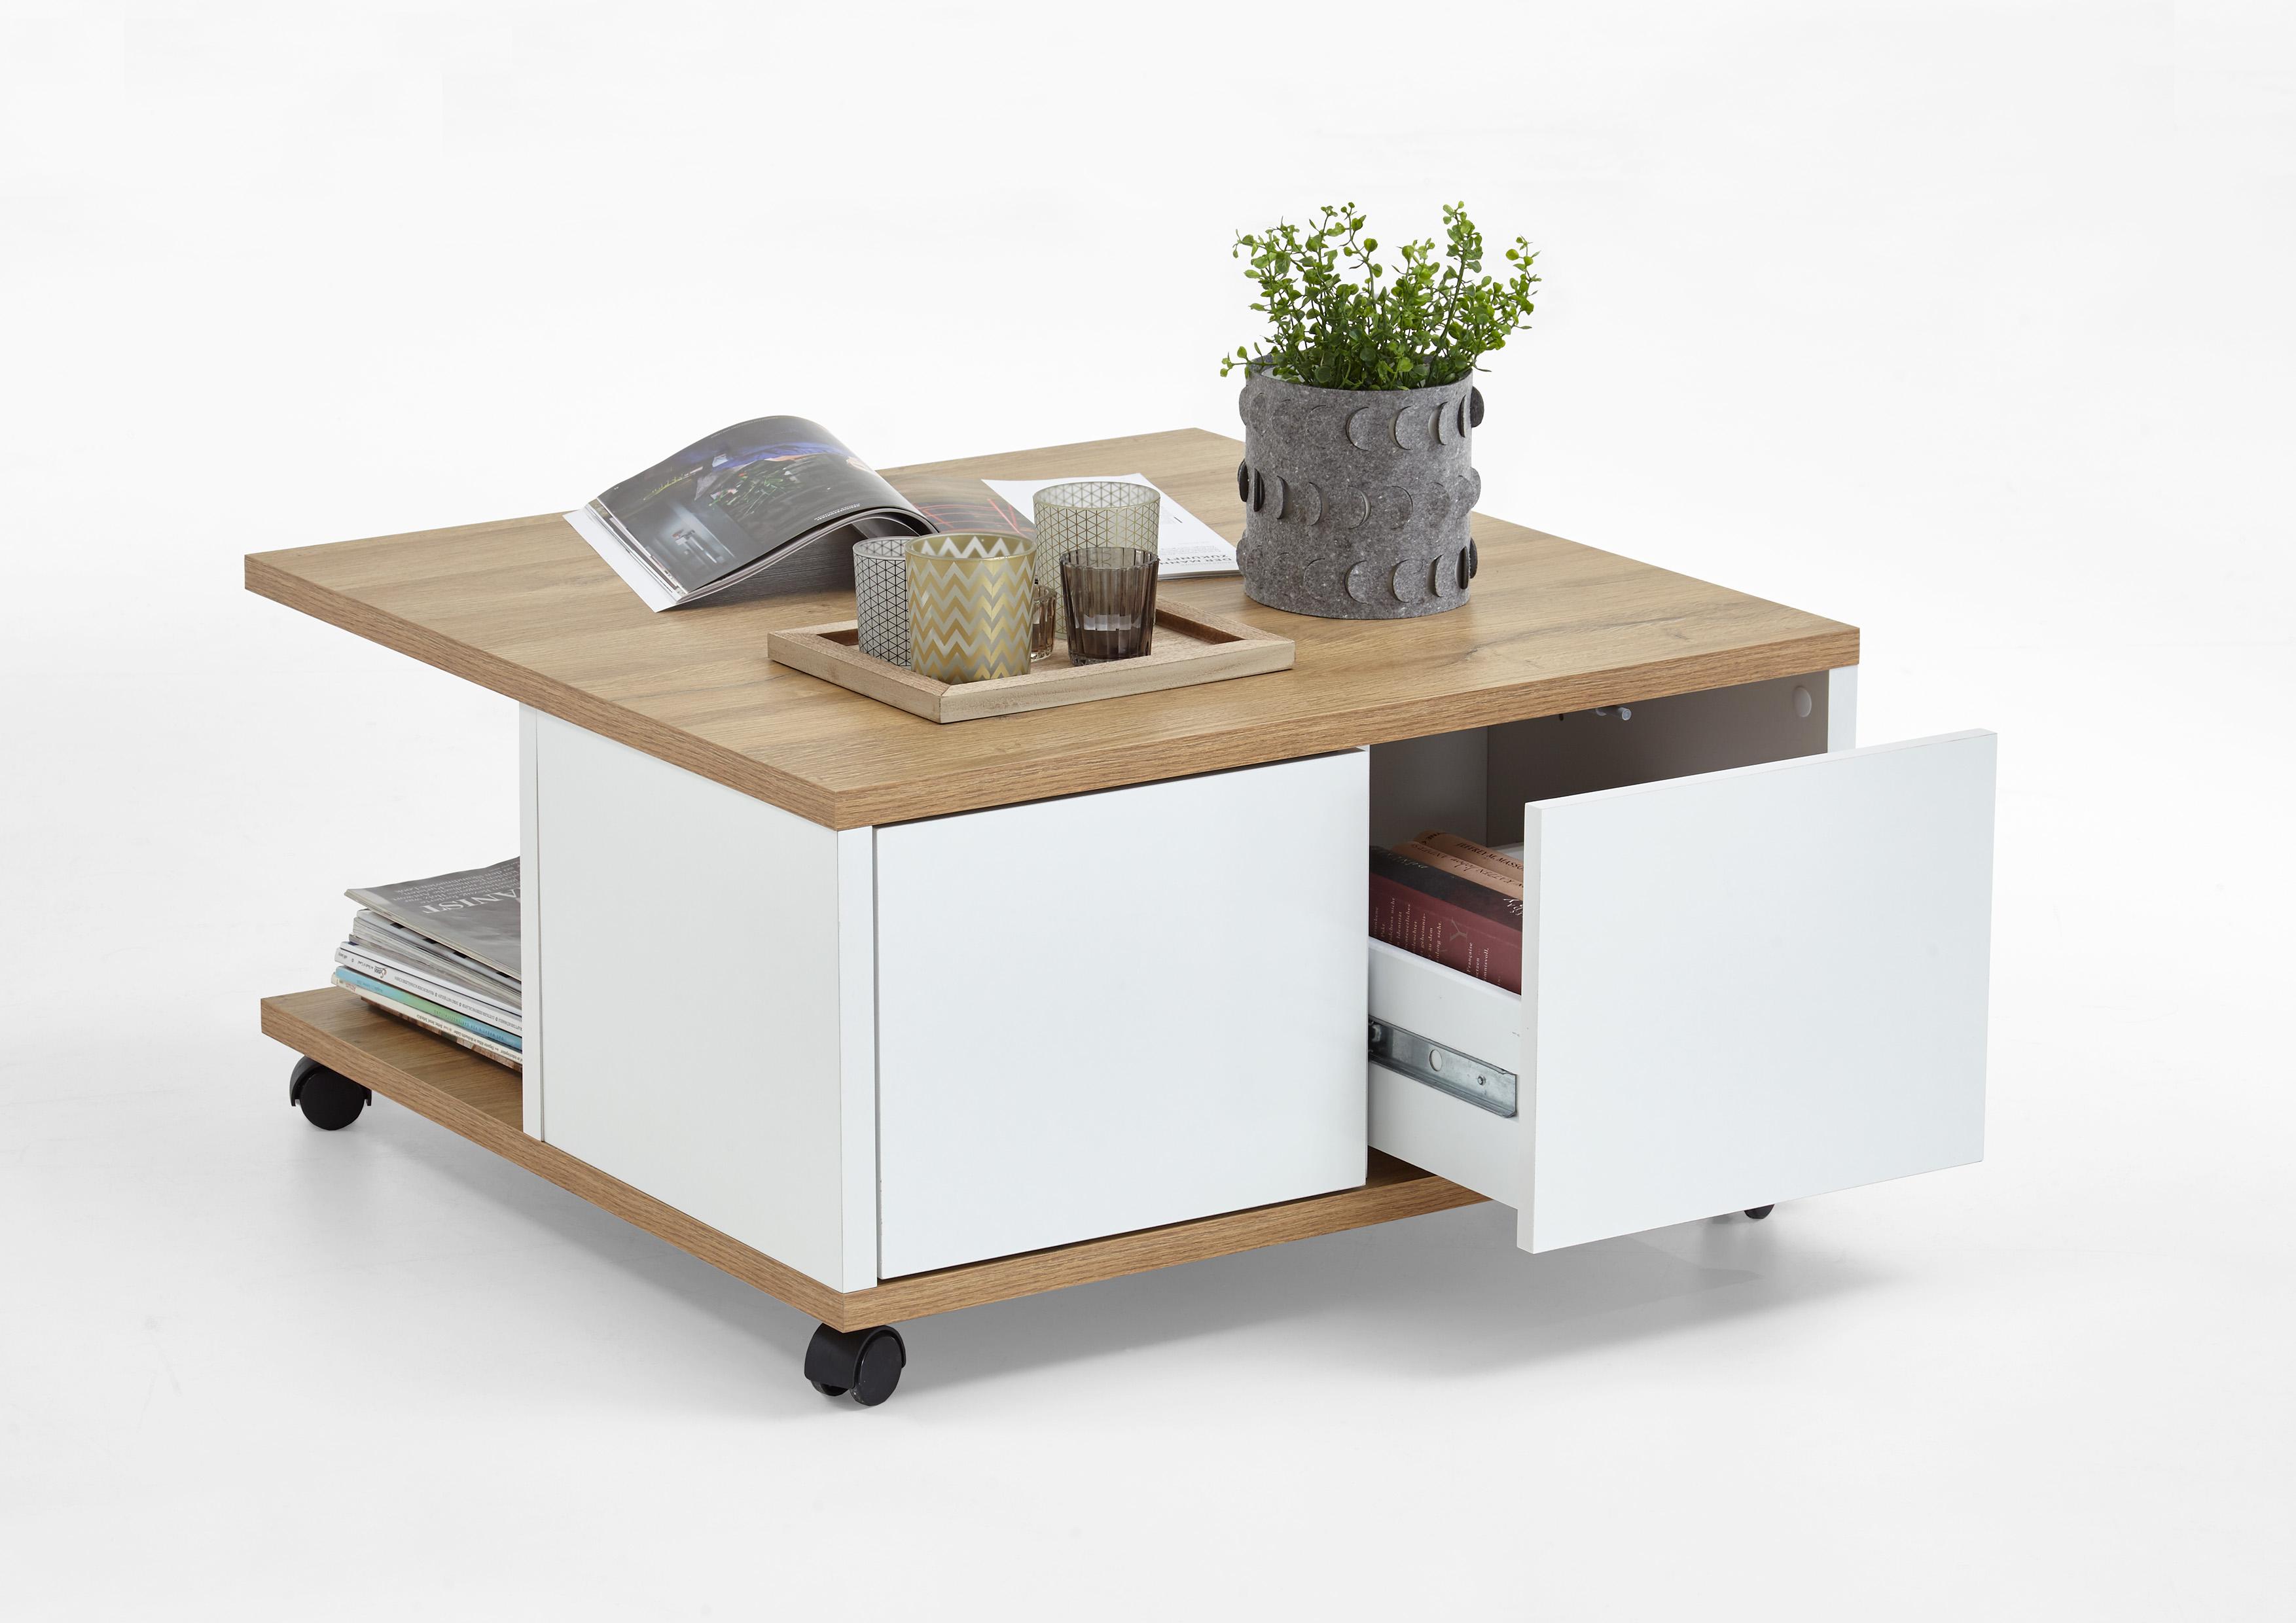 twin 1 couchtisch auf rollen von fmd alteiche weiss edelglanz. Black Bedroom Furniture Sets. Home Design Ideas